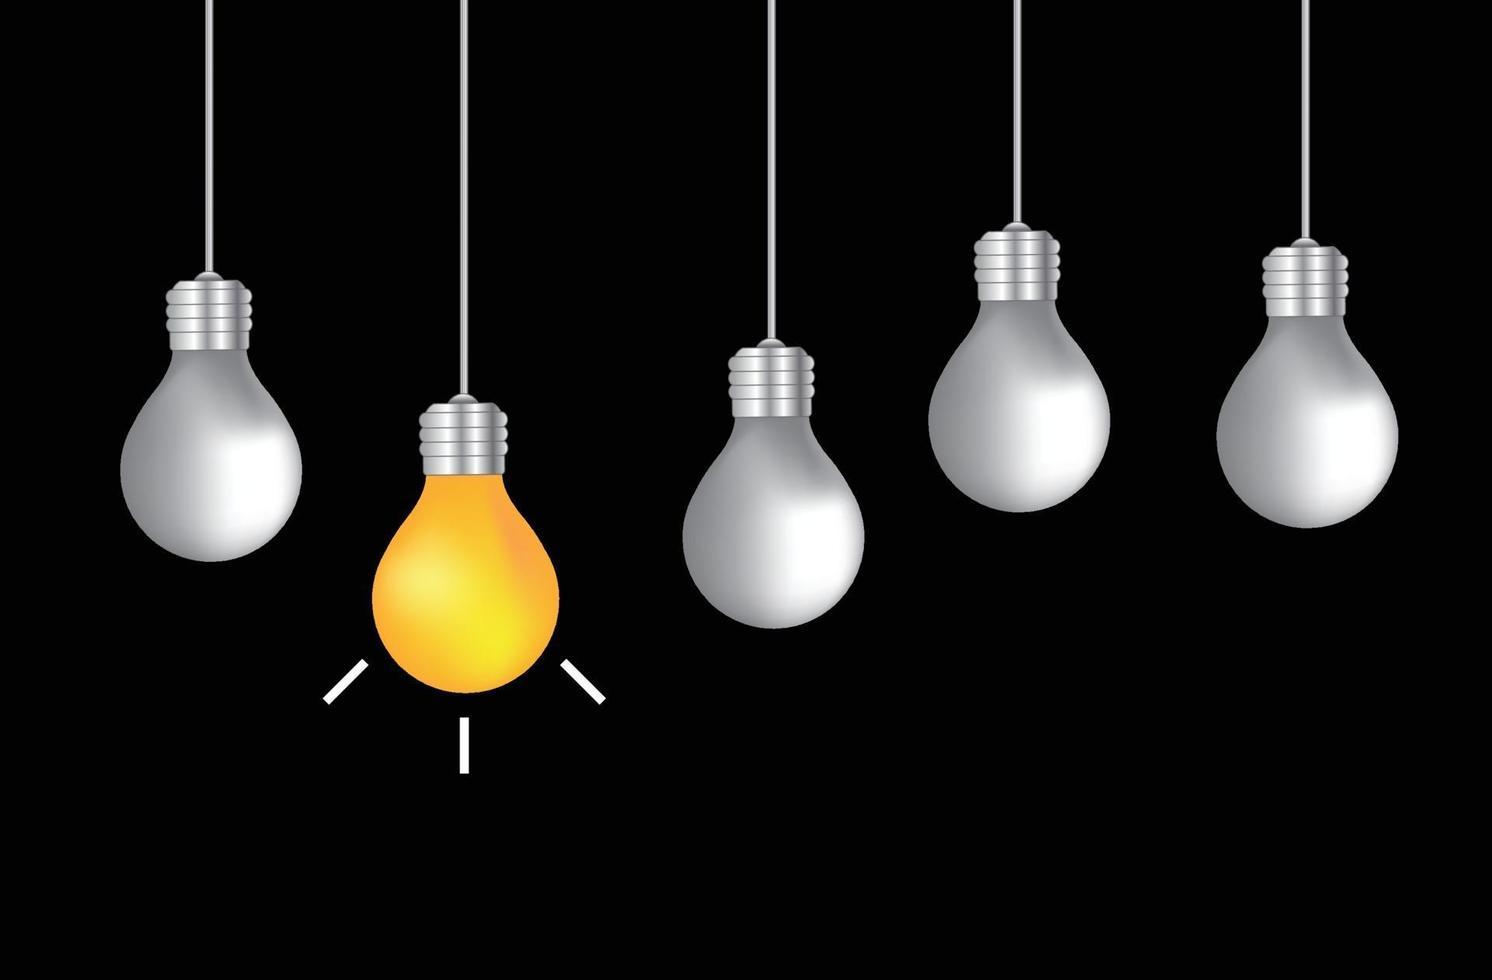 inspiração do conceito de lâmpada vetor